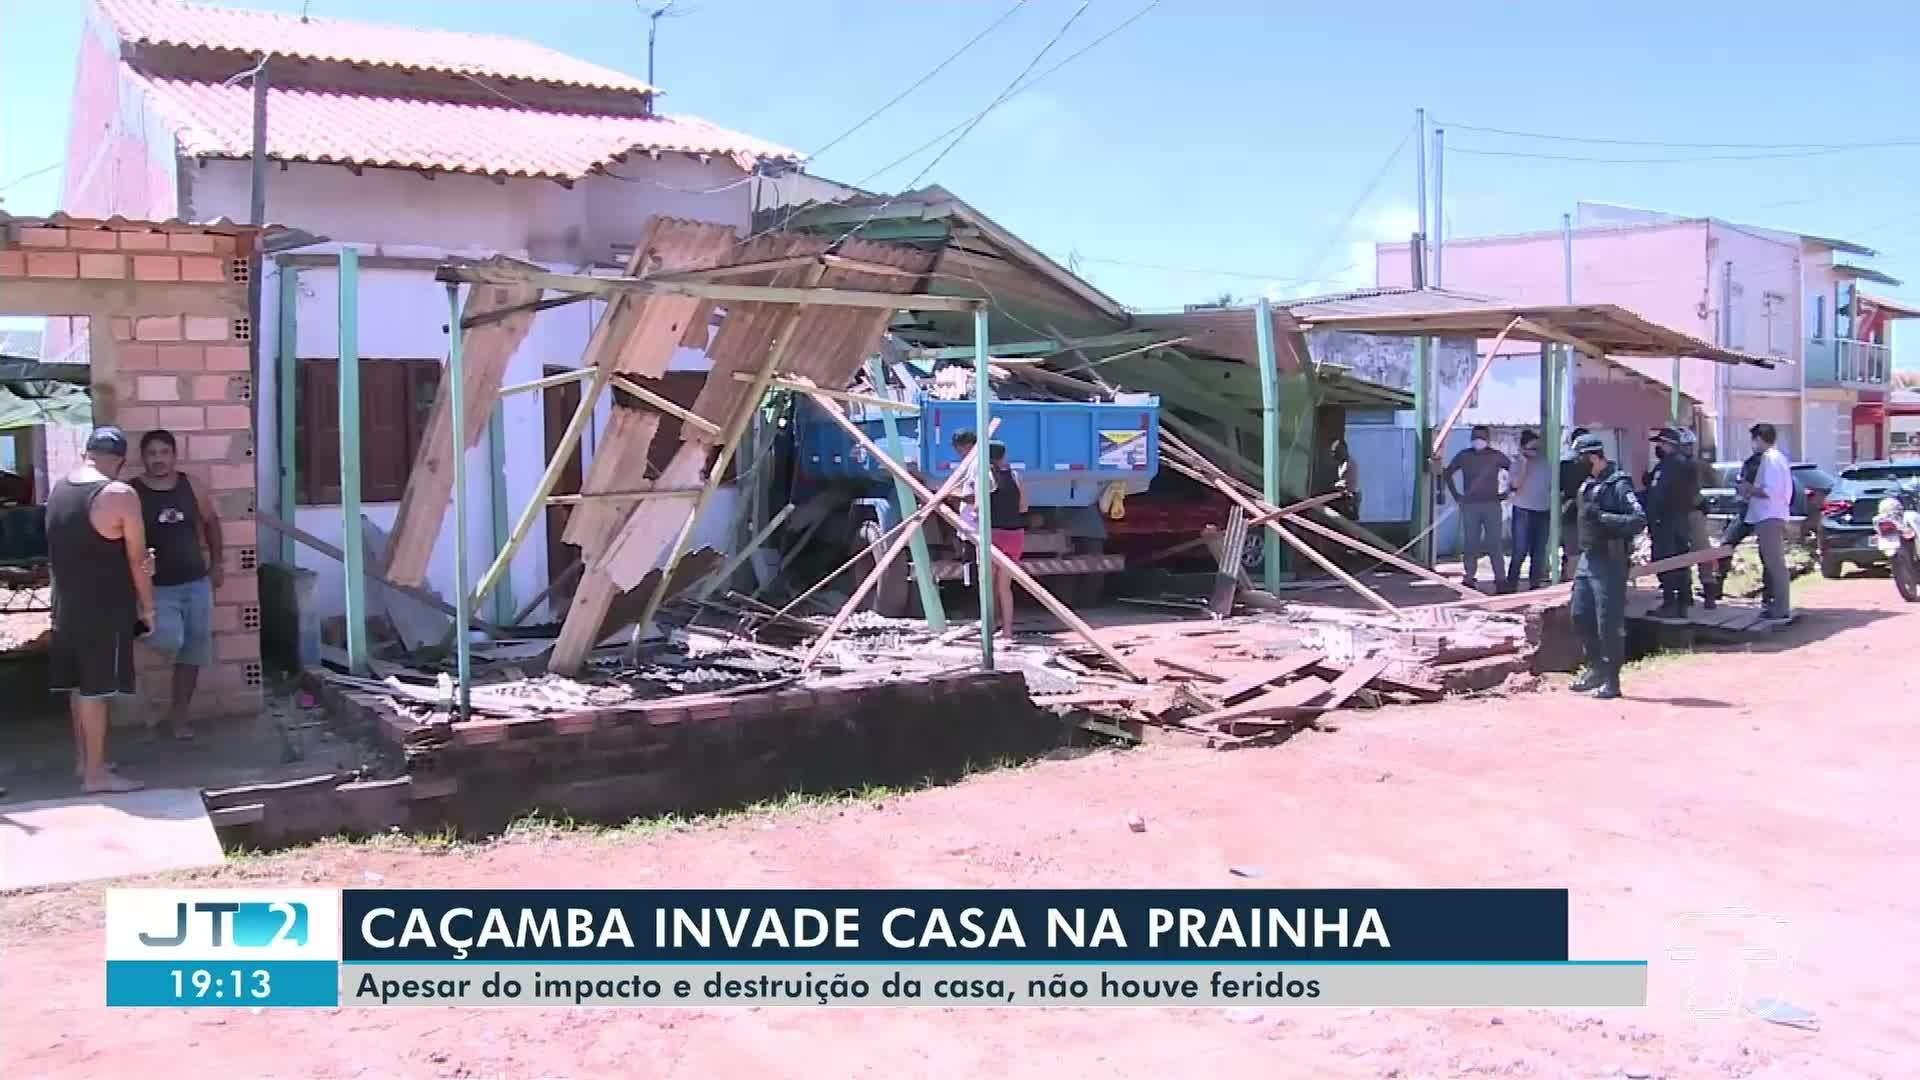 VÍDEOS: Jornal Tapajós 2ª Edição de terça-feira, 7 de julho de 2020